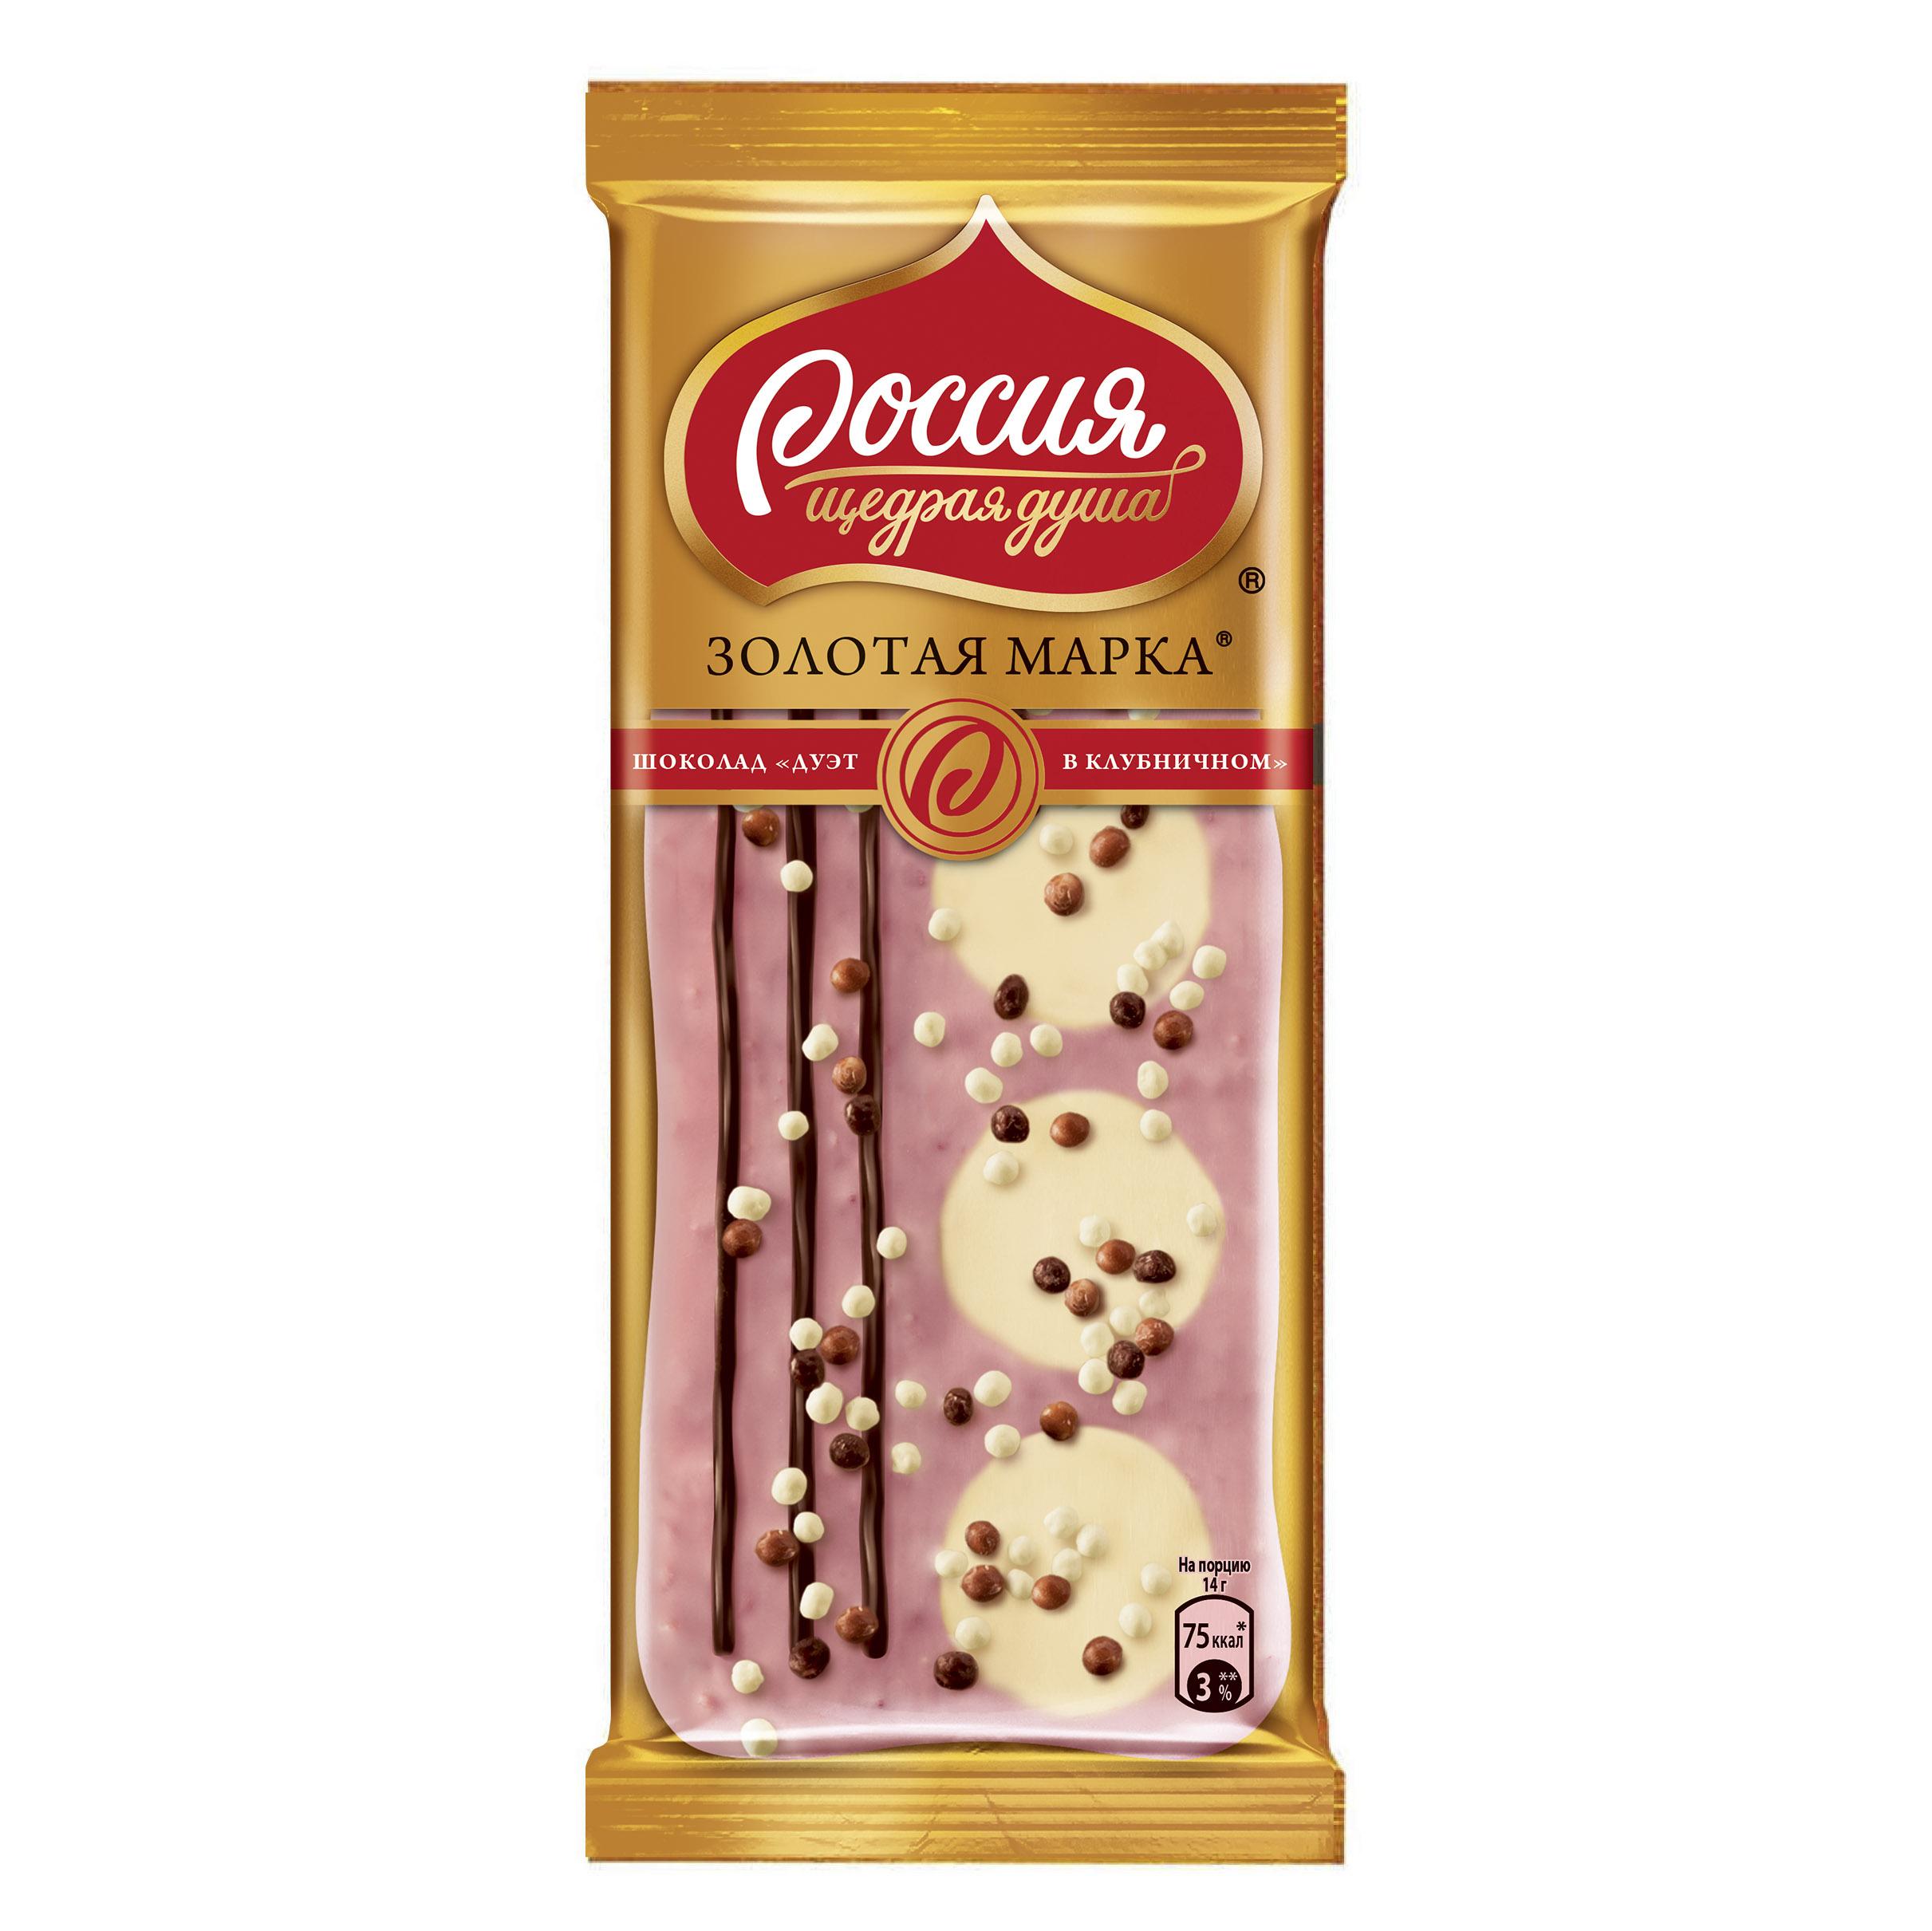 шоколад россия щедрая душа золотая марка дуэт в клубничном белый и темный с клубникой 85 г Шоколад Россия щедрая душа Белый Дуэт в клубничном 85 г